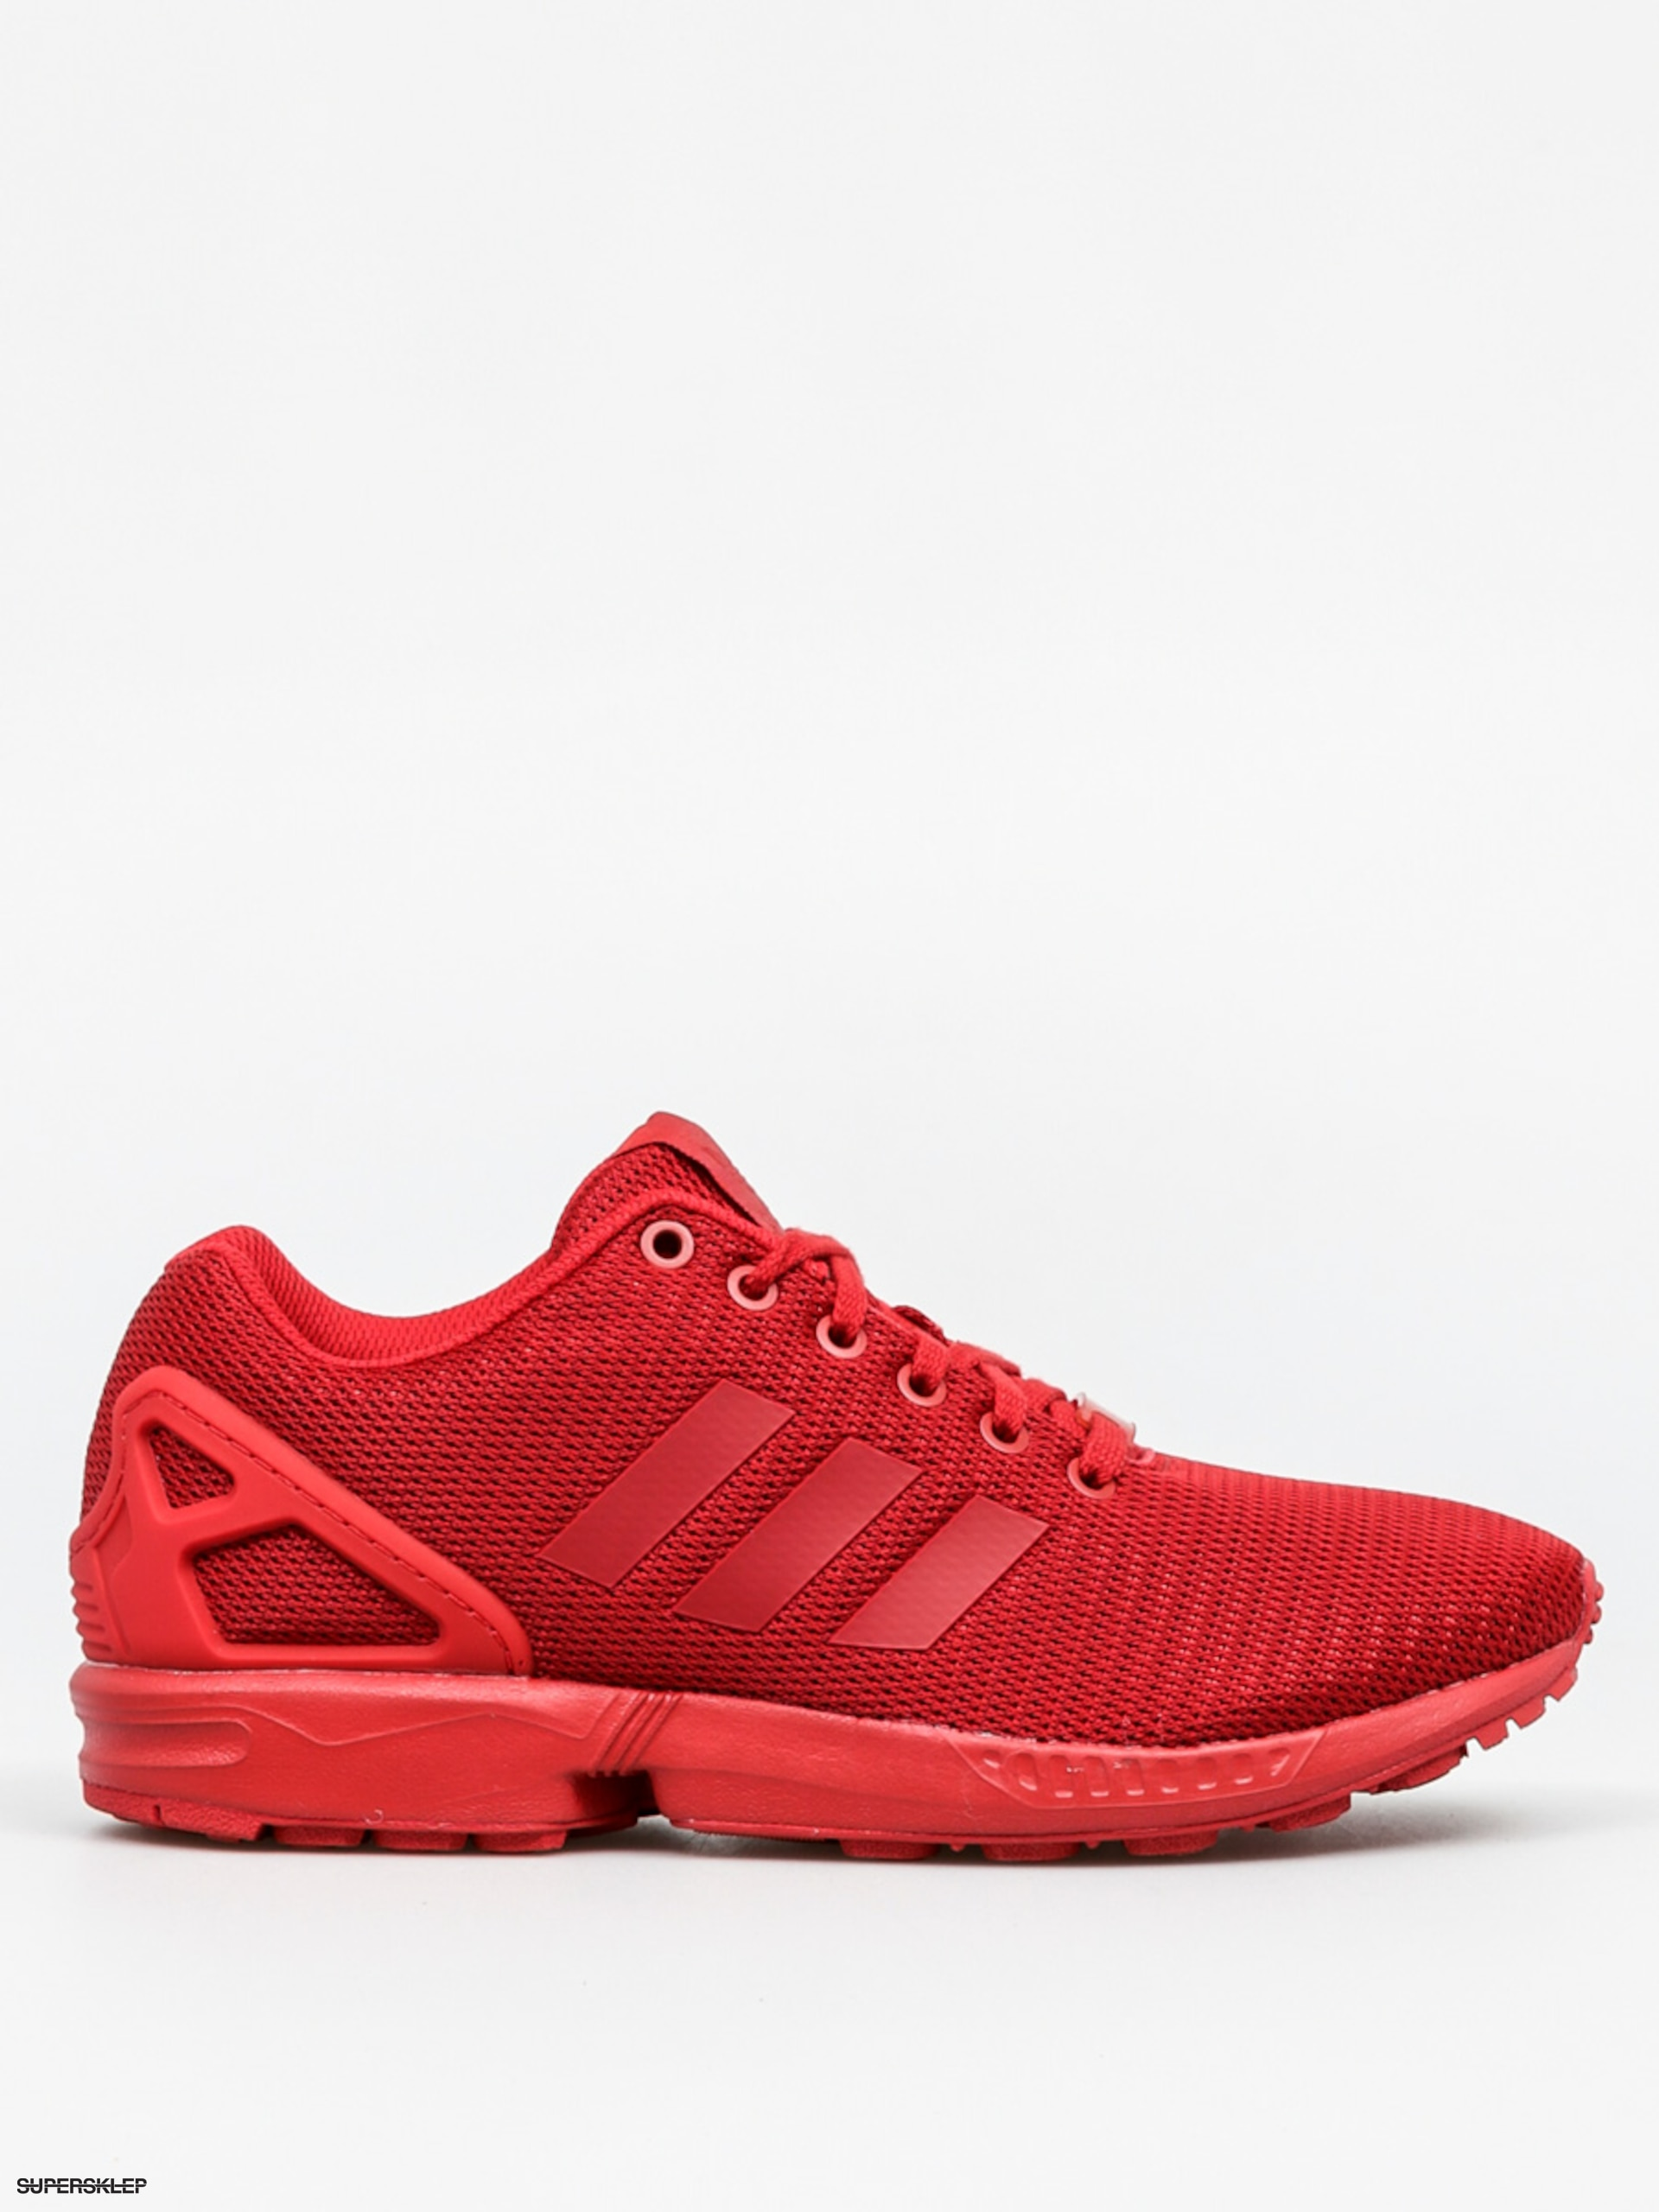 Buty adidas Zx Flux (powredpowredcburgu)